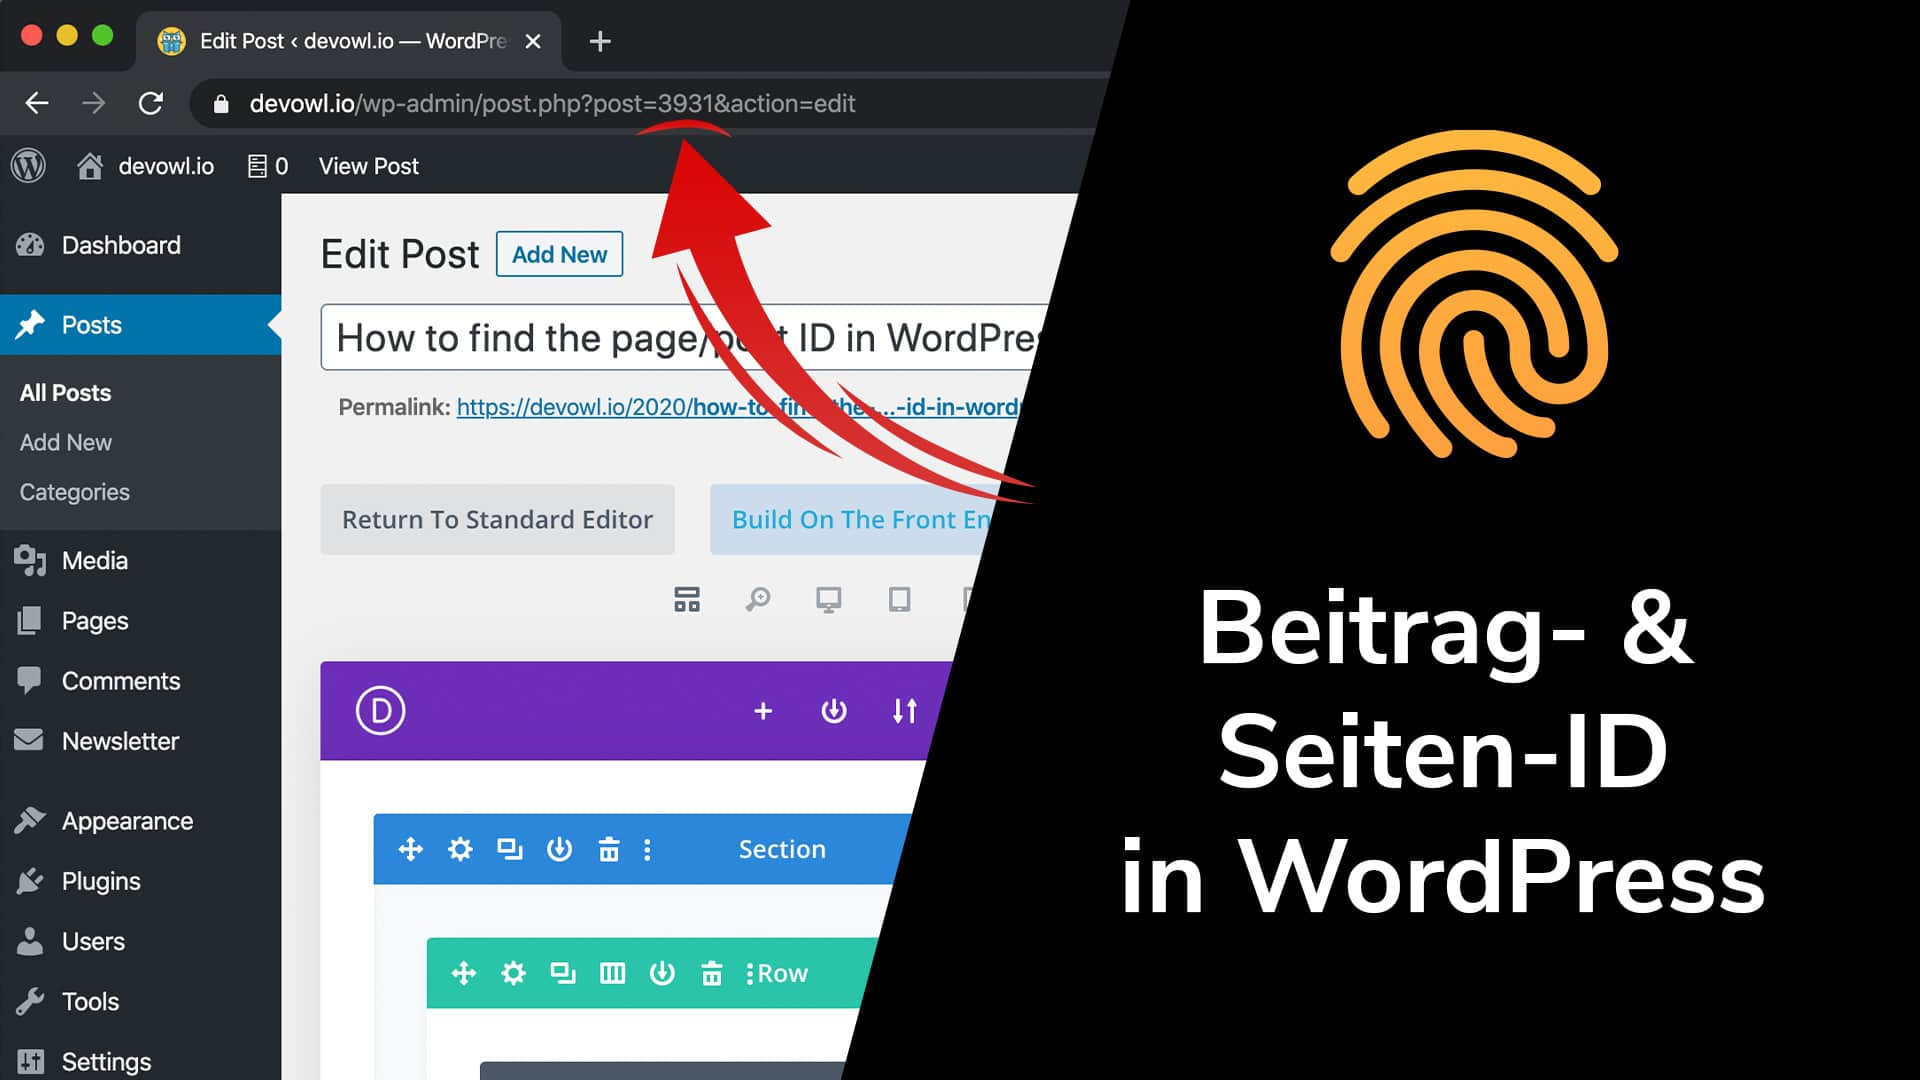 Beitrags-ID und Seiten-ID in WordPress